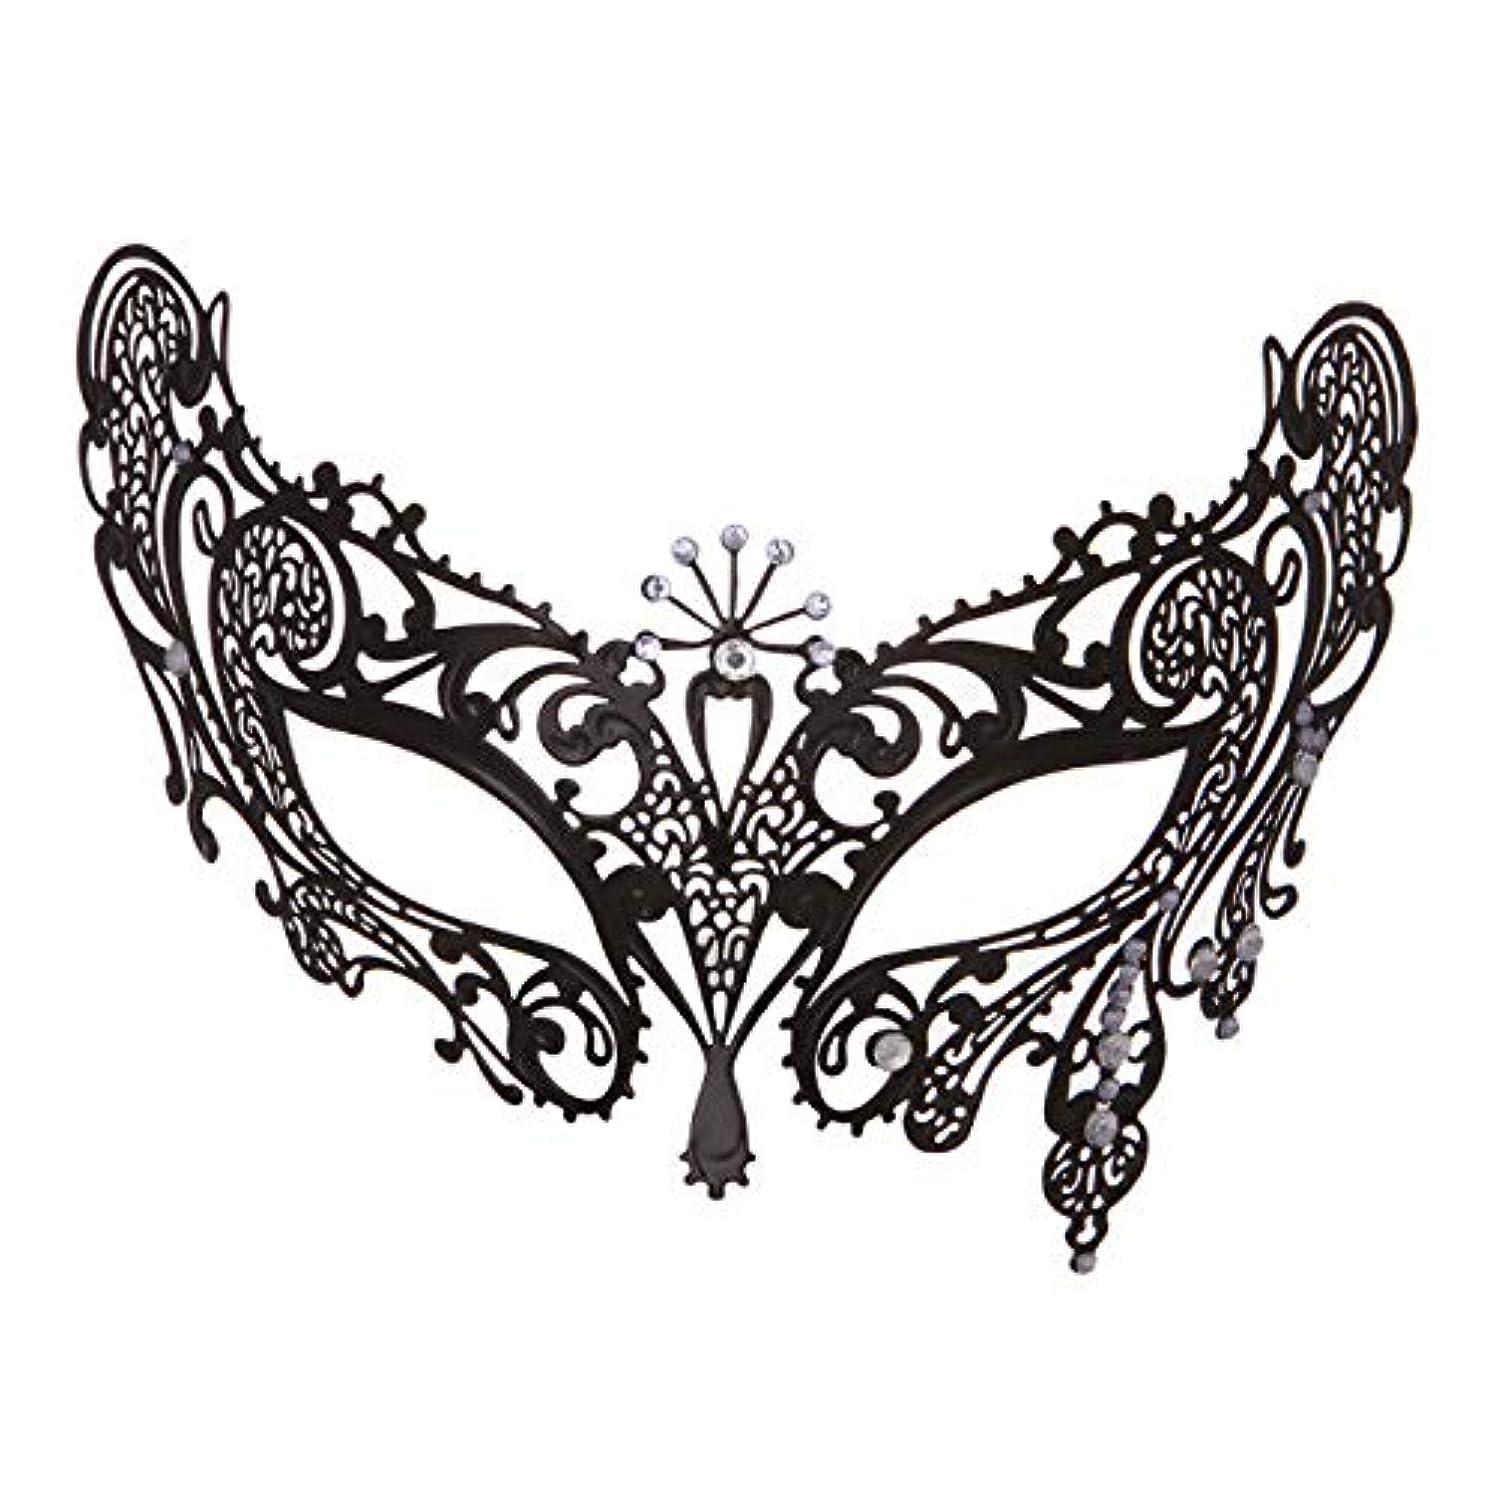 レディマスクメタルダイヤモンドパーティーパフォーマンス仮装ハロウィーンアイマスク